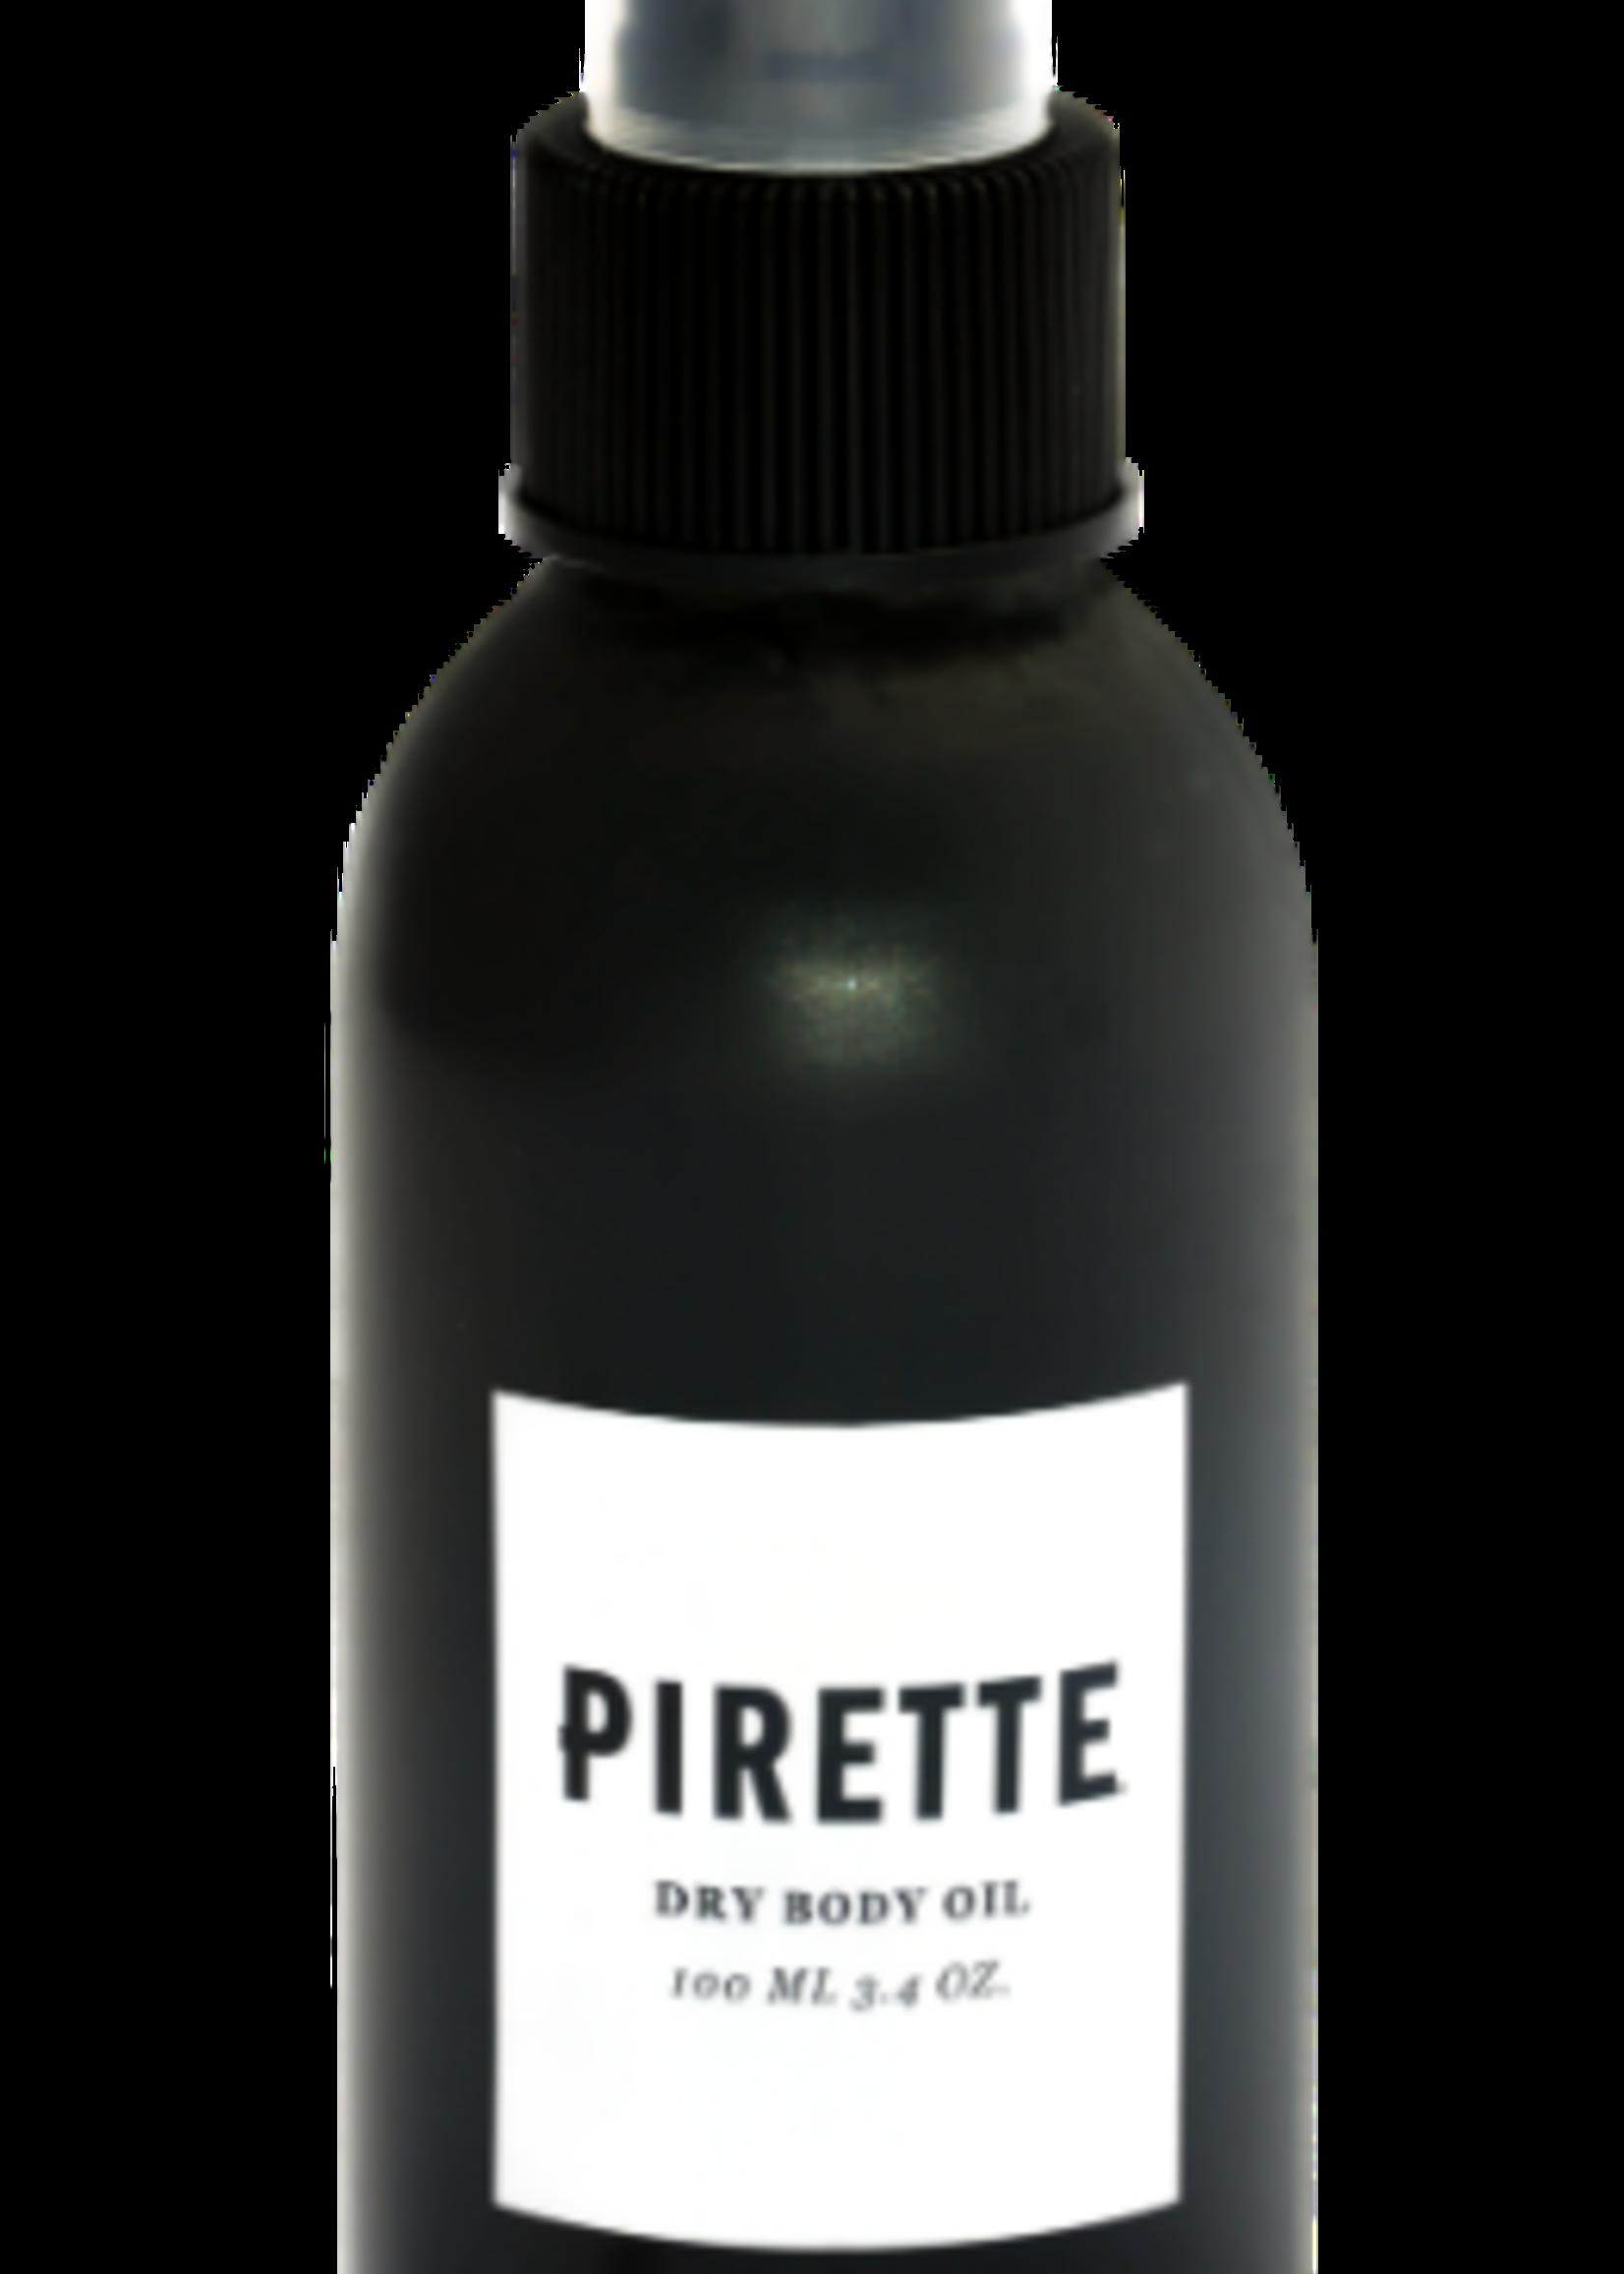 pirette dry body oil